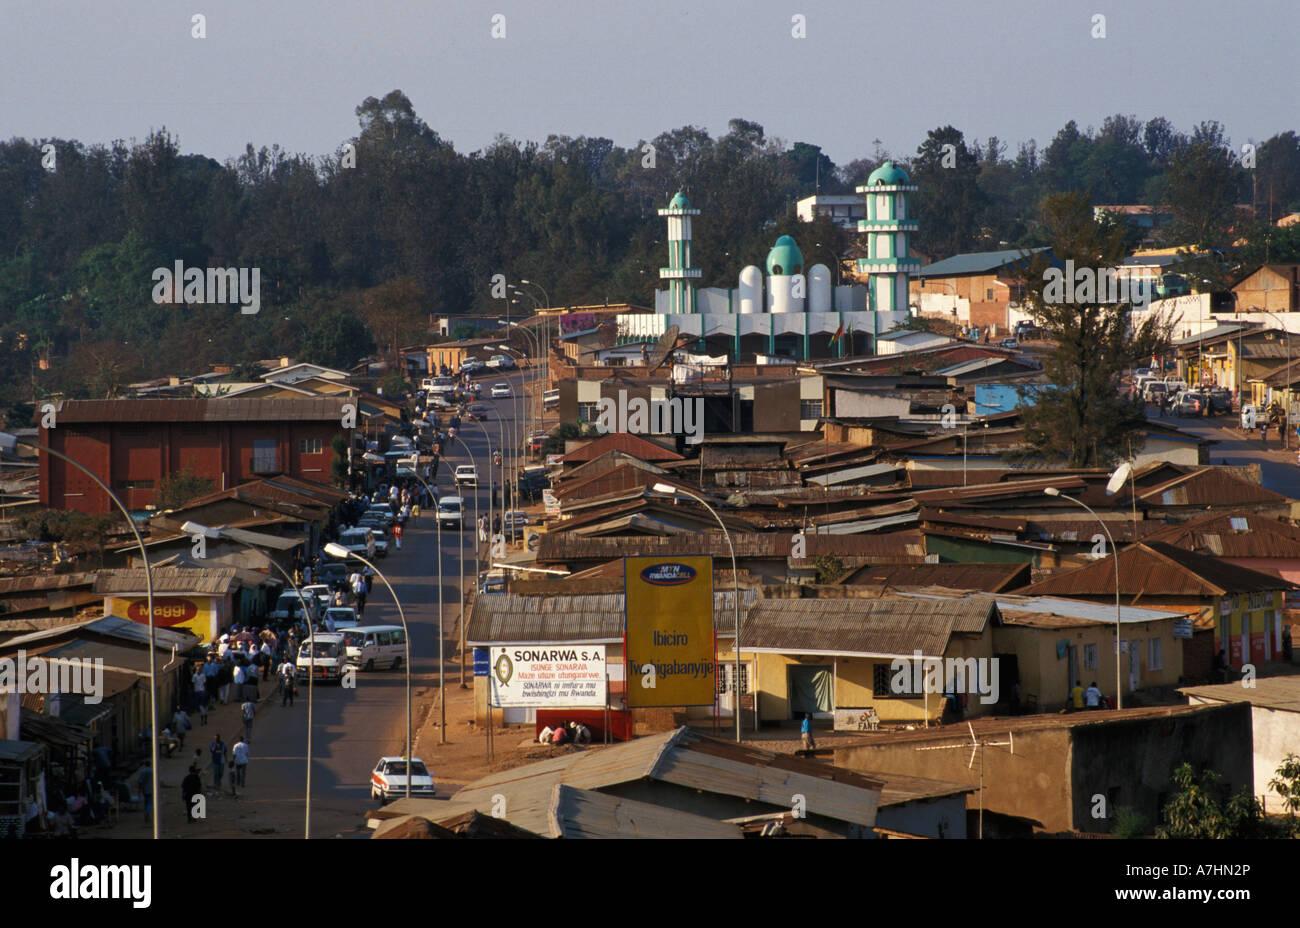 Muslim quarter in the Nyamirambo district, Kigali, Rwanda - Stock Image